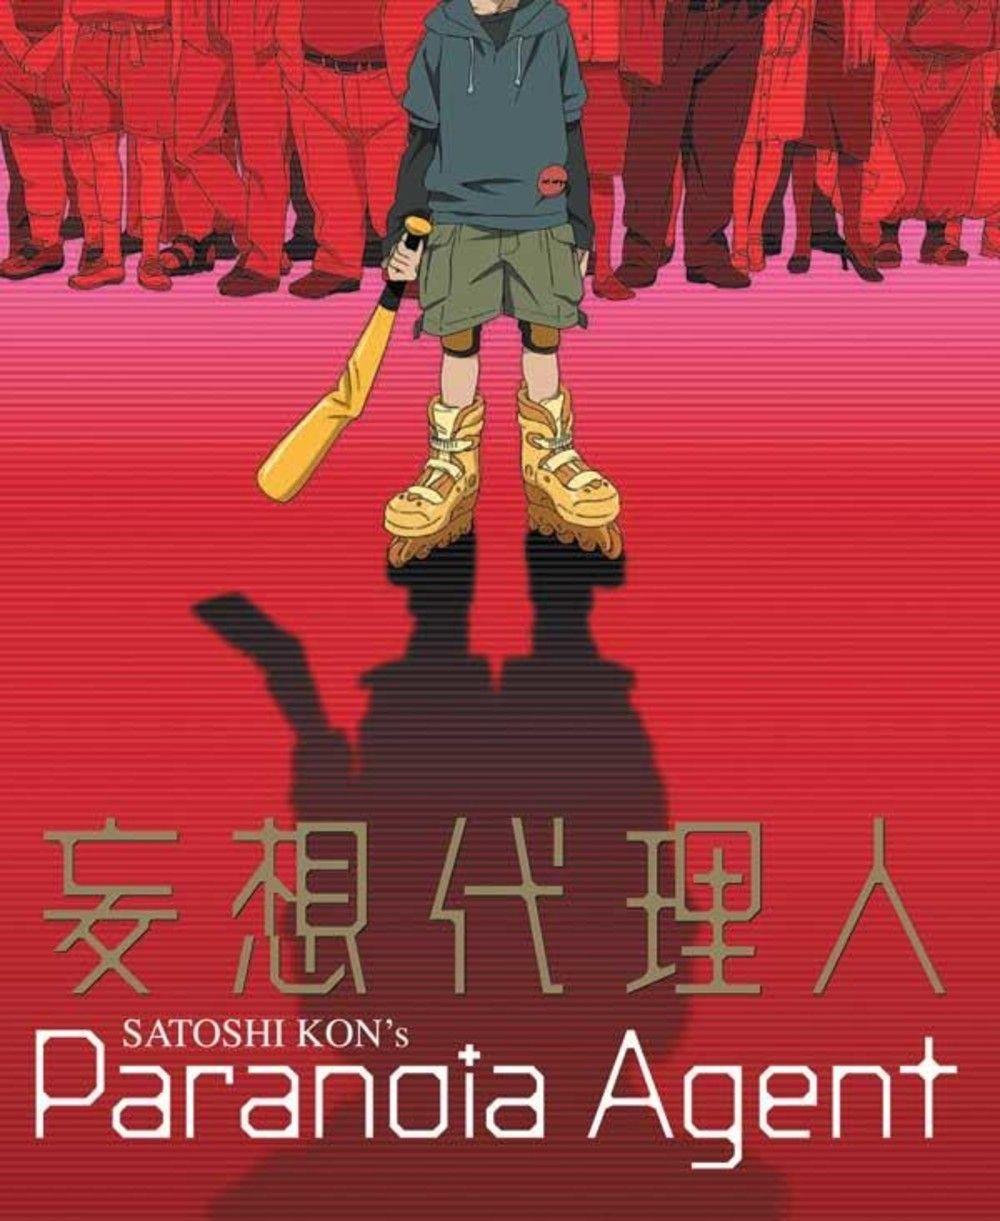 妄想代理人(Paranoia Agent, 2004)